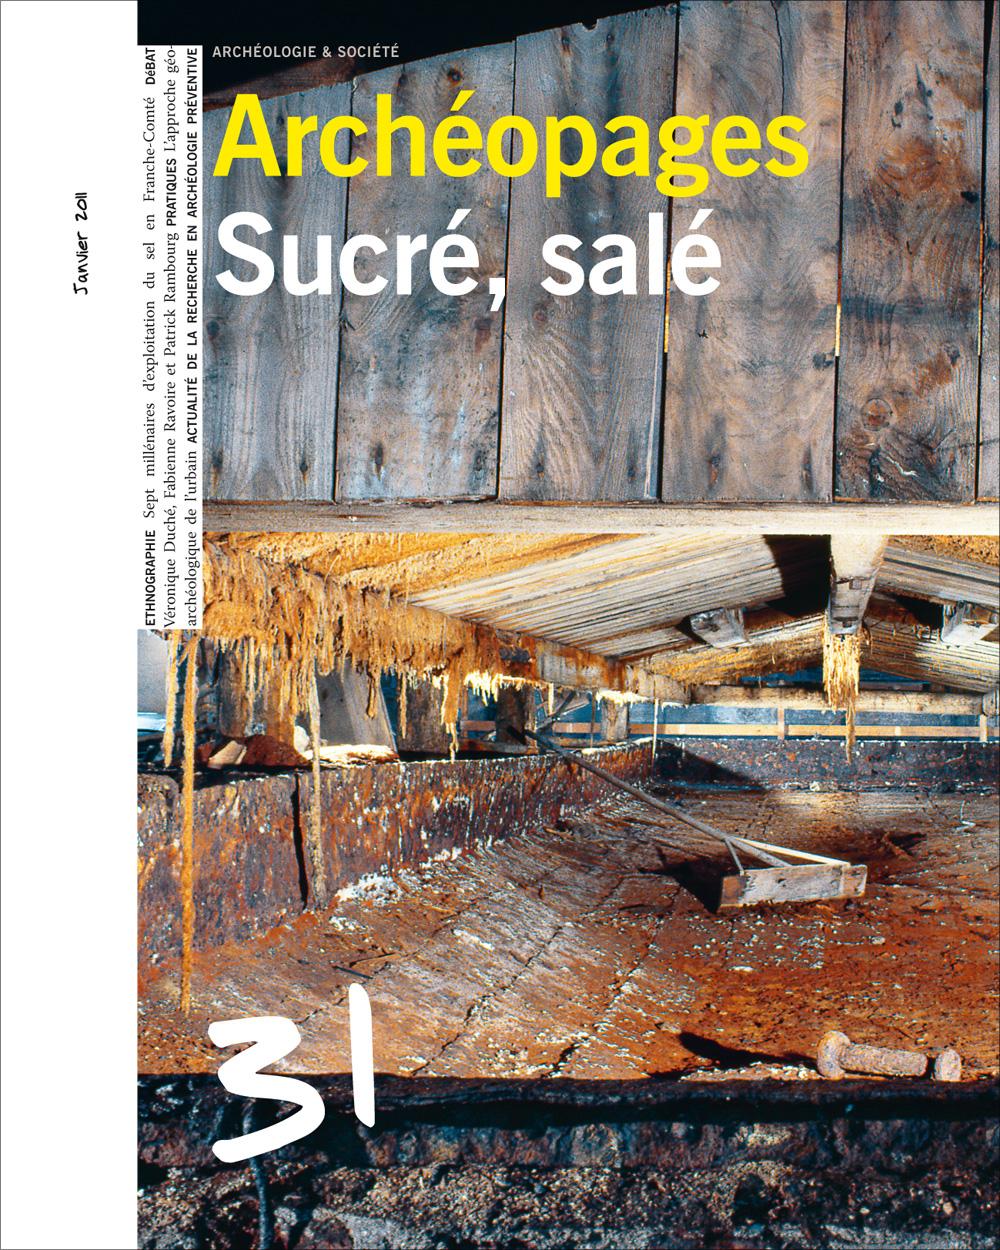 Archéopages n°31 : Sucré, salé